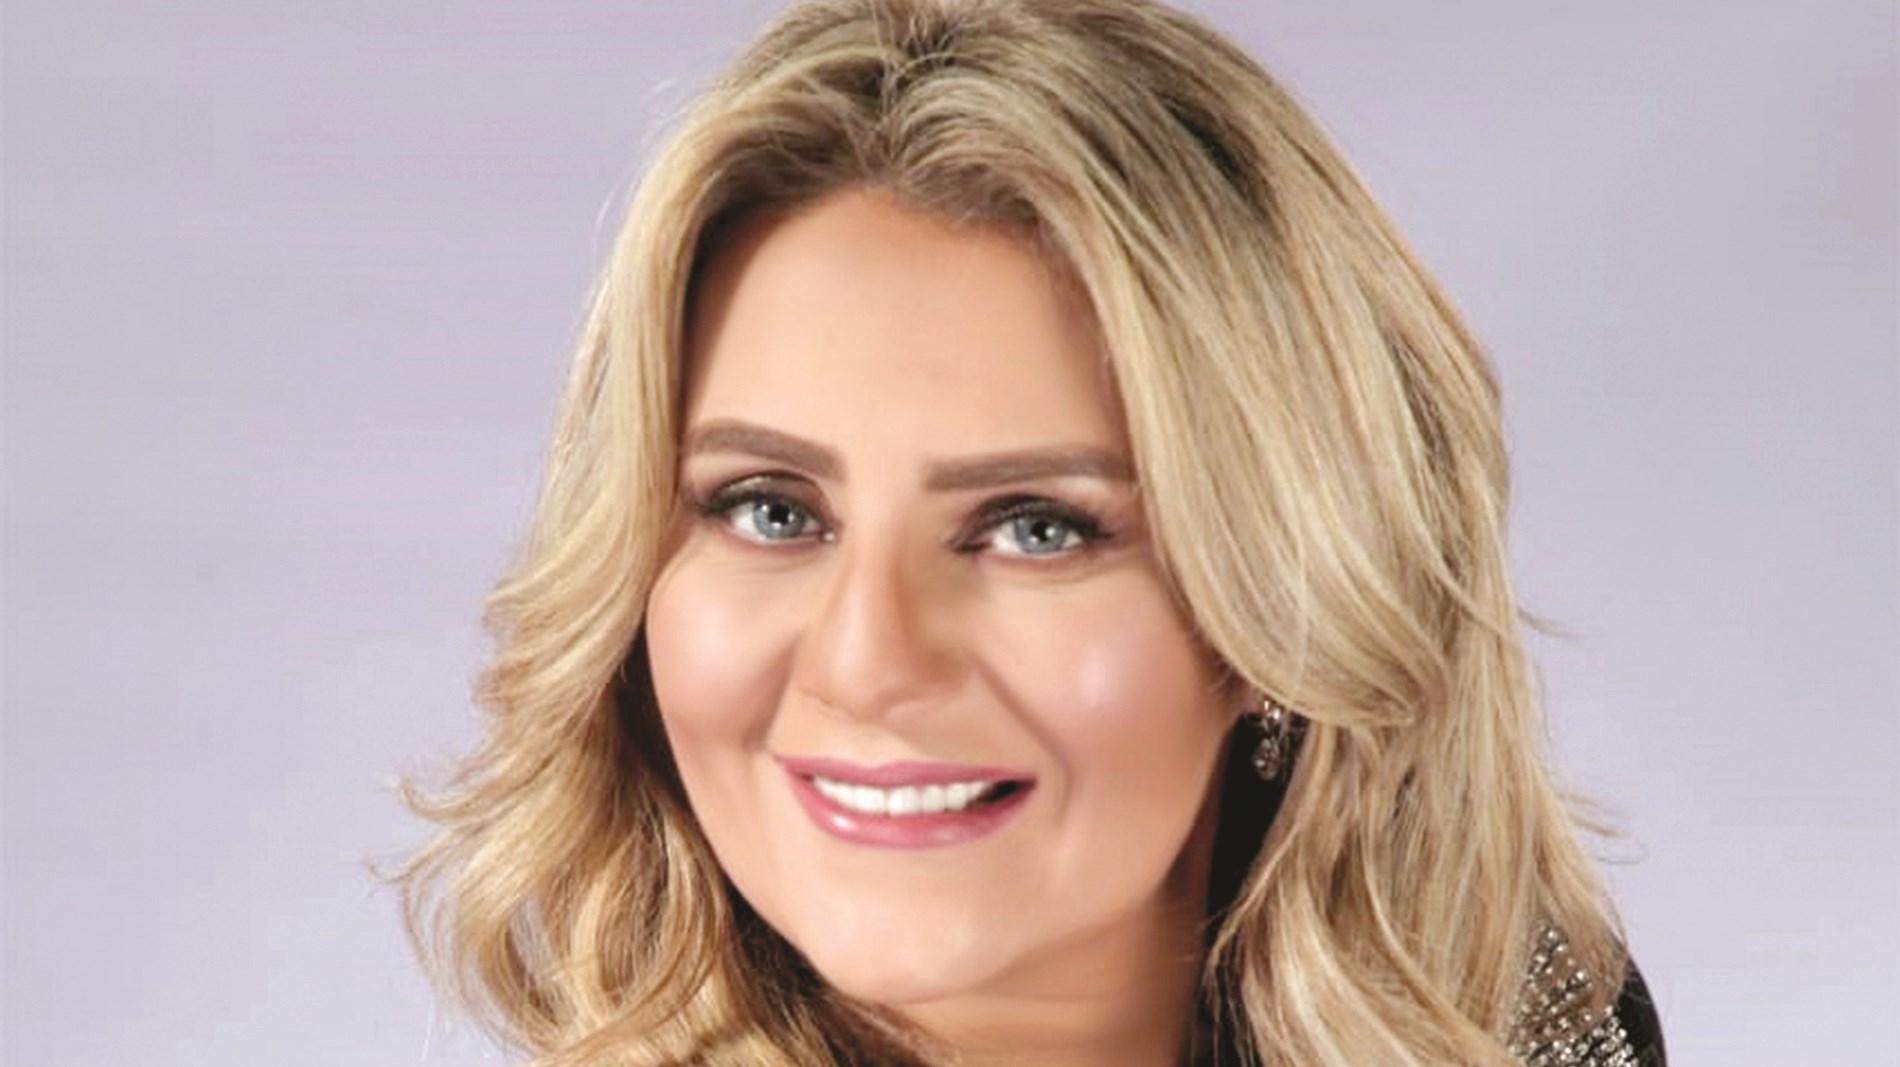 رانيا محمود ياسين تستعيد ذكريات زواجها من محمد رياض بصورة من شهر العسل